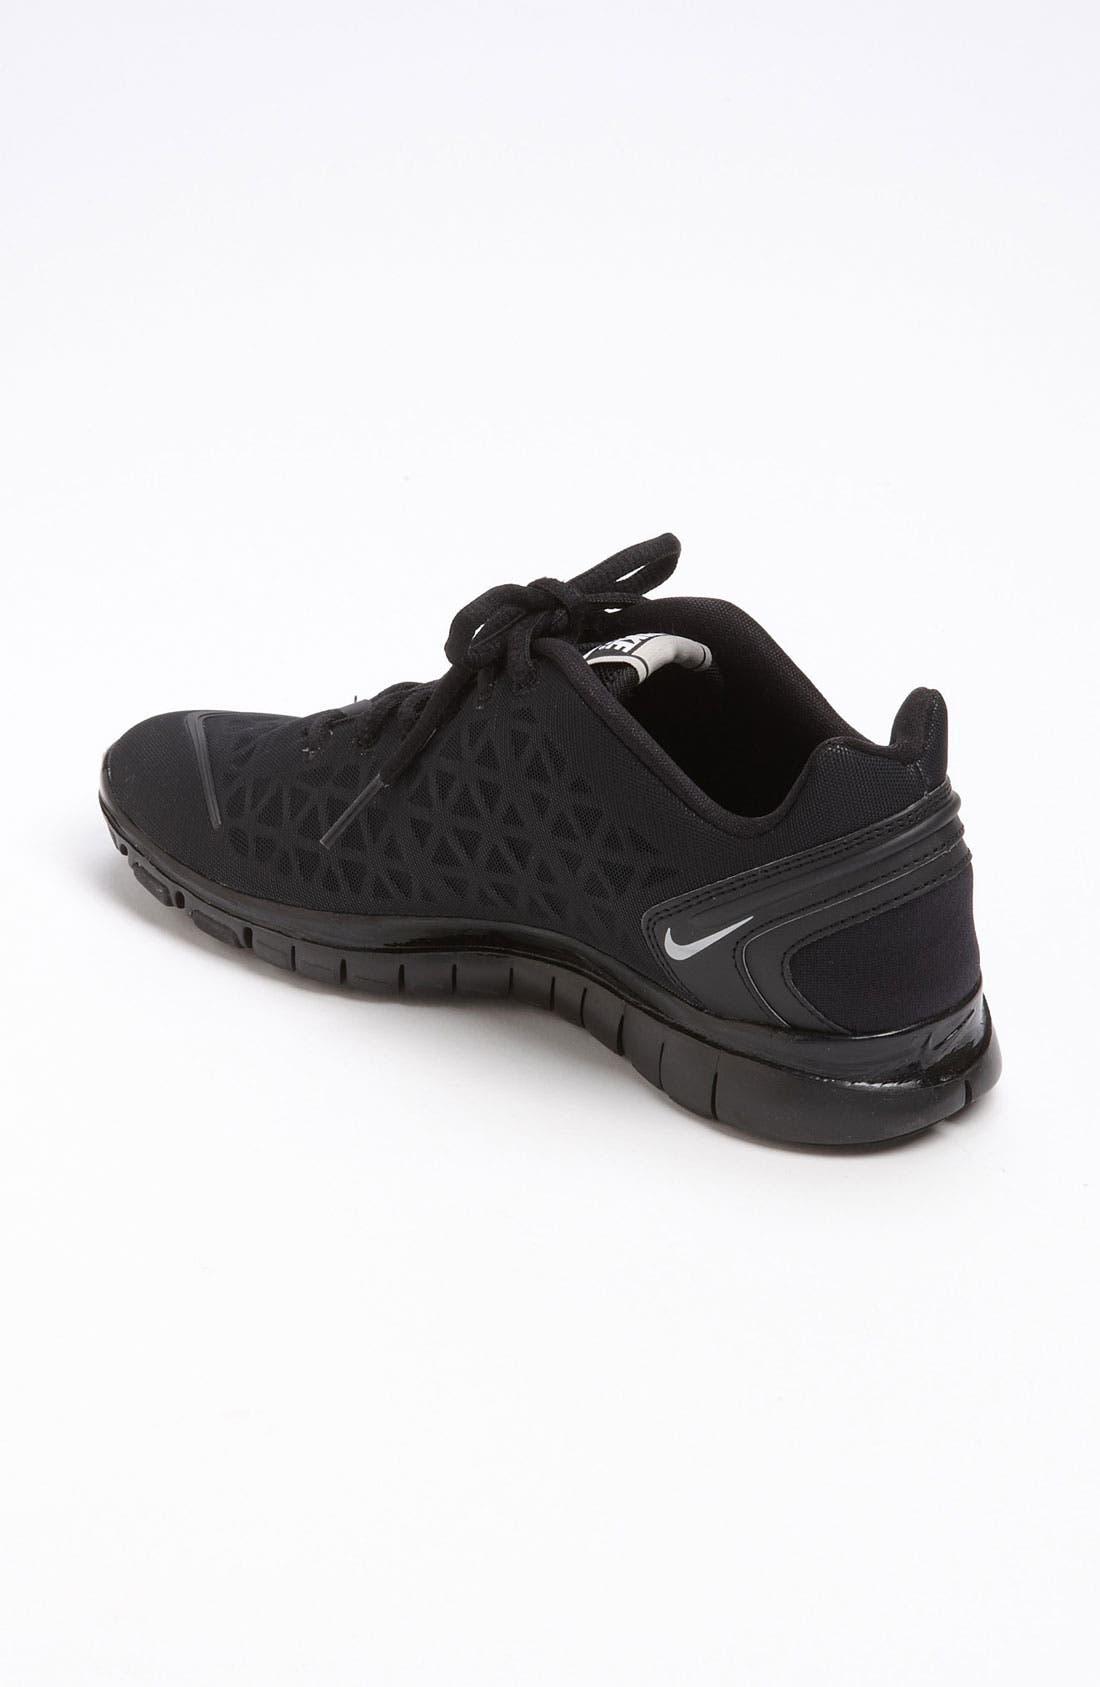 NIKE,                             'Free TR Fit 2' Training Shoe,                             Alternate thumbnail 2, color,                             001